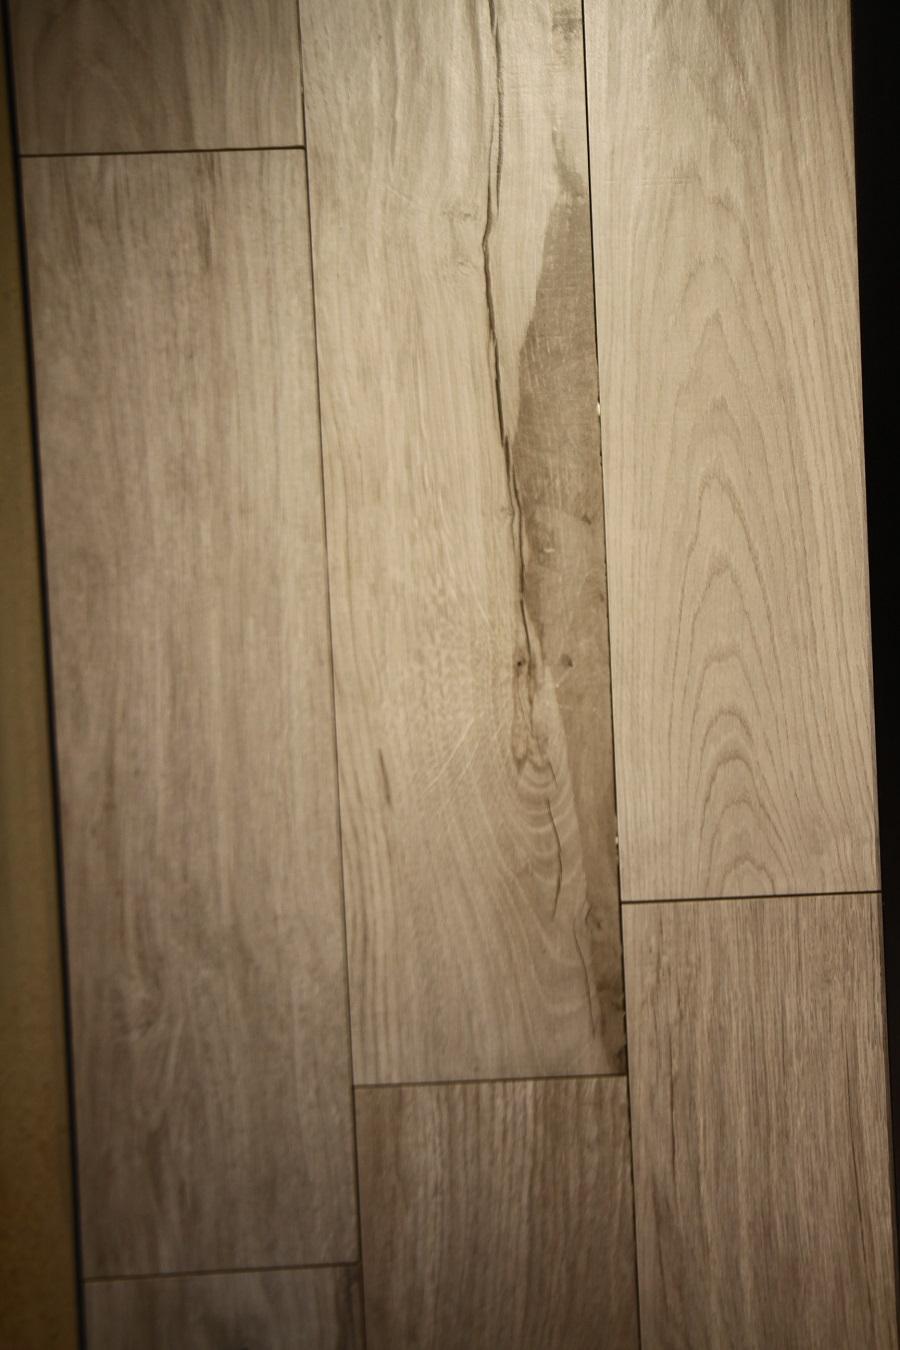 Gepolijst tegels - vloertegels.nl -keramisch parket 12